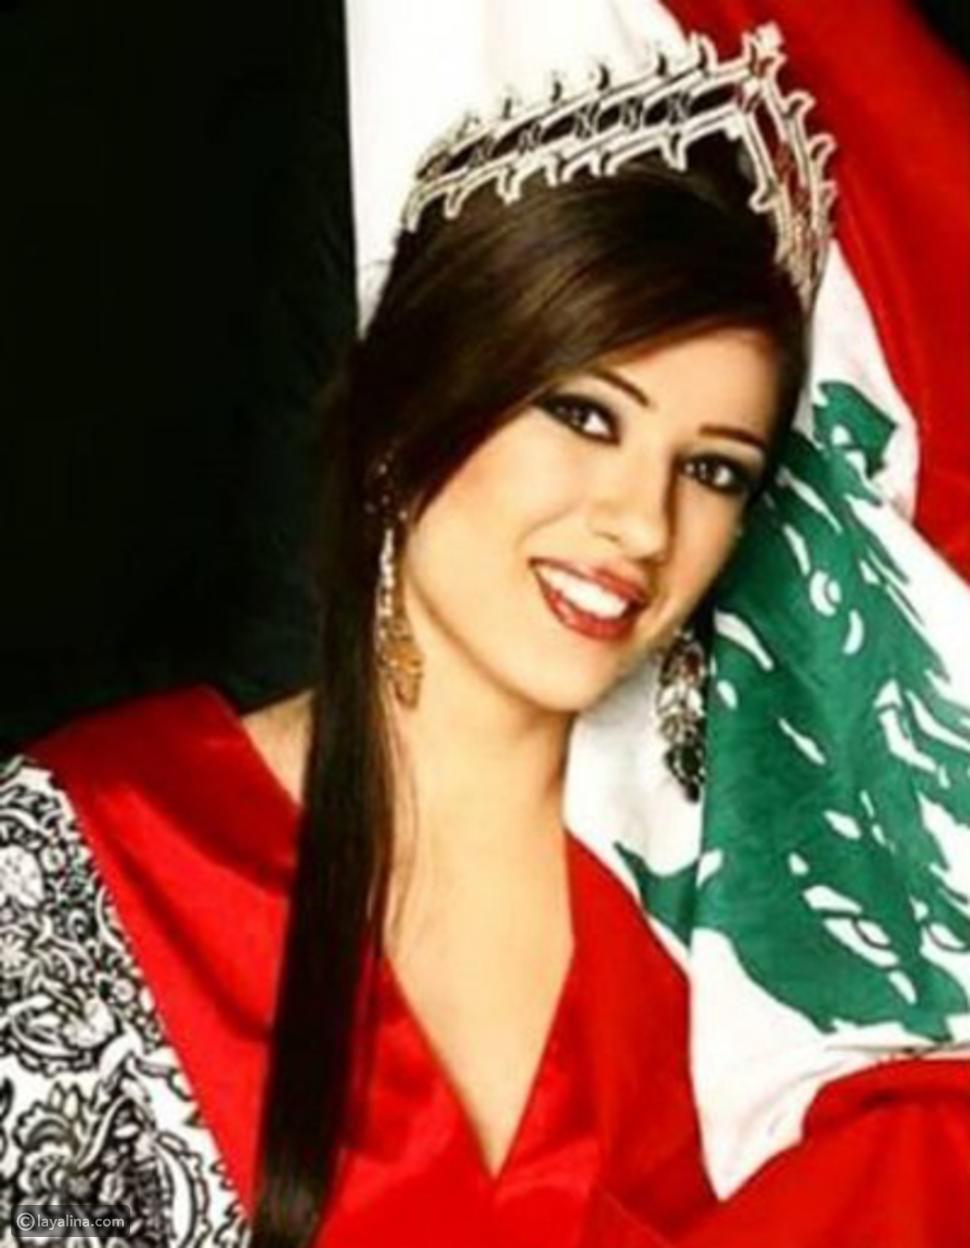 """قبل هاجر أحمد نجمة """"ضربة معلم"""" ملكات جمال أصبحن أشهر نجمات الفن"""